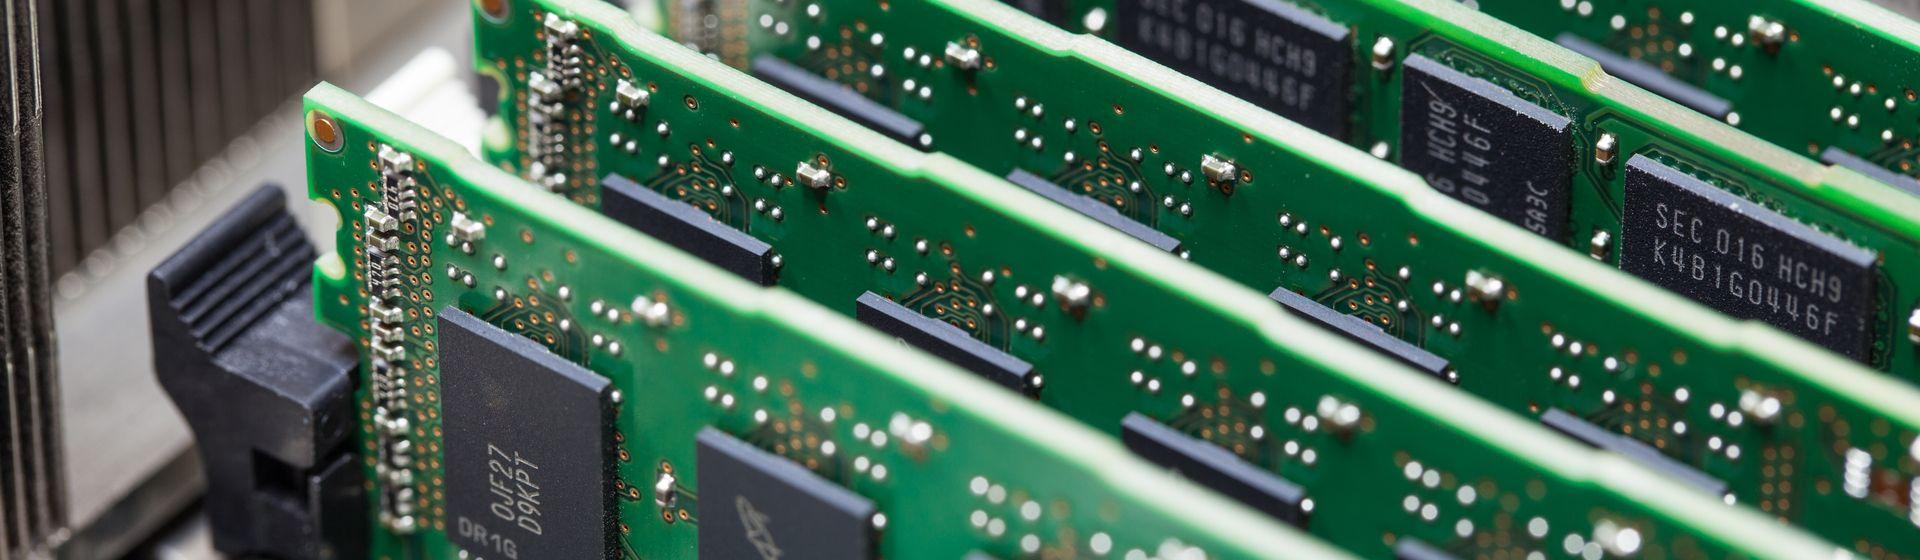 Para que serve memória RAM? Entenda função do componente no PC